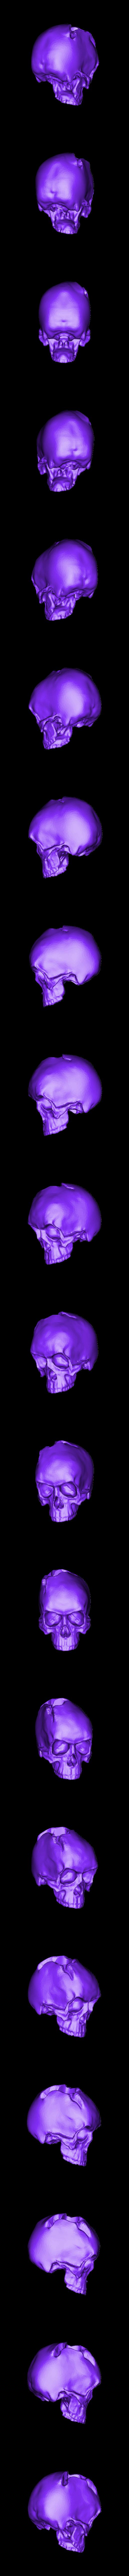 Skull1.stl Télécharger fichier STL TUEUR À GAGES • Objet à imprimer en 3D, freeclimbingbo